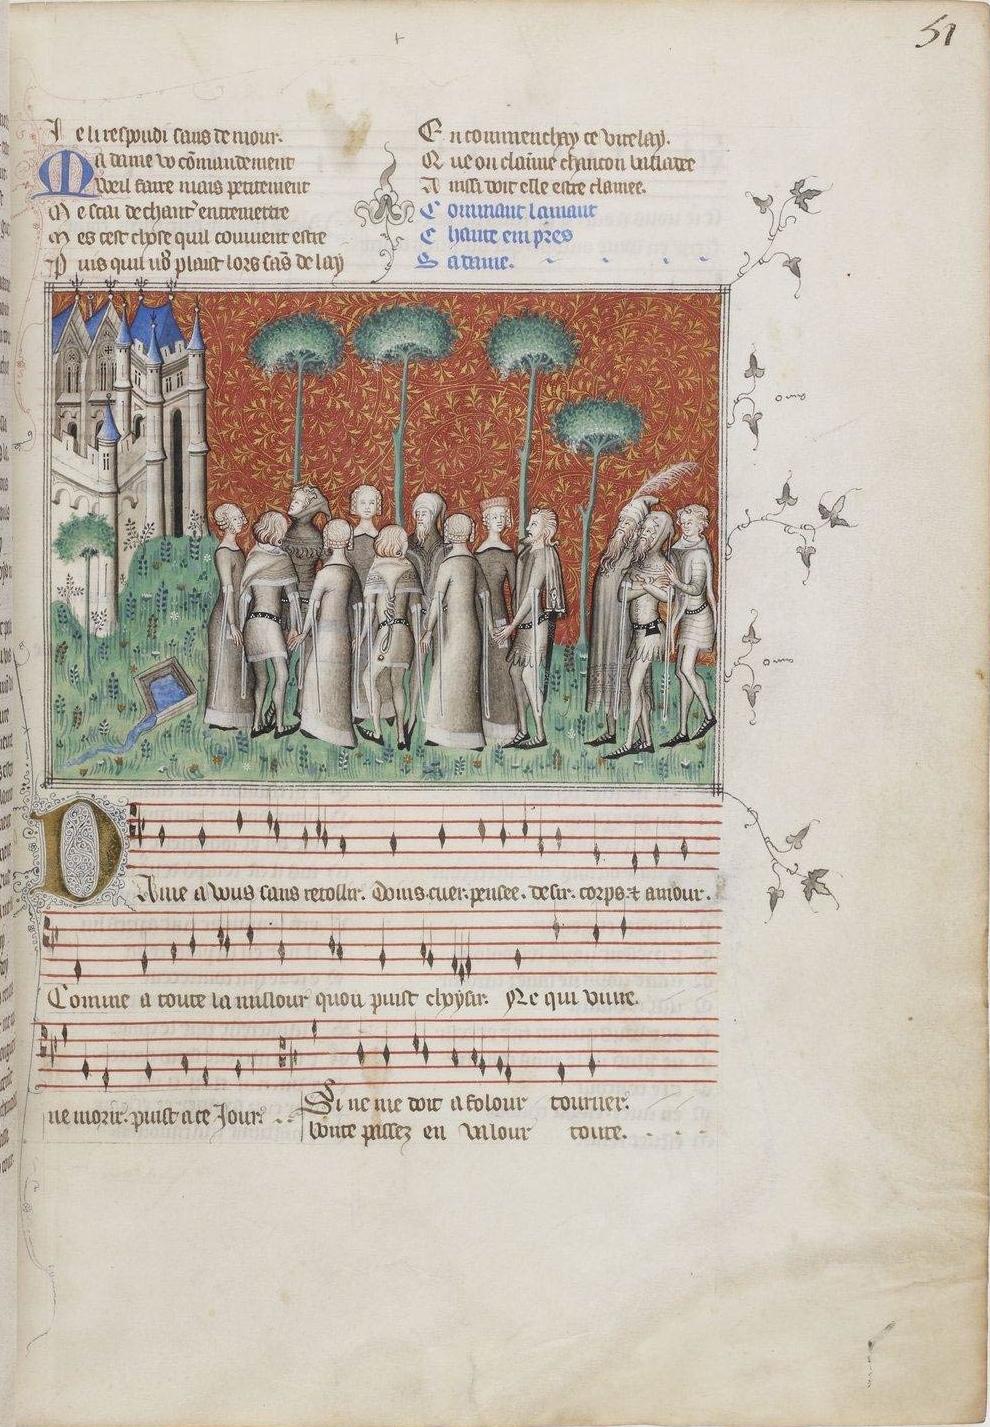 Remède de Fortune, Mns Franc., 1586, fl.51r, BNF. (ca. 1350-1355)